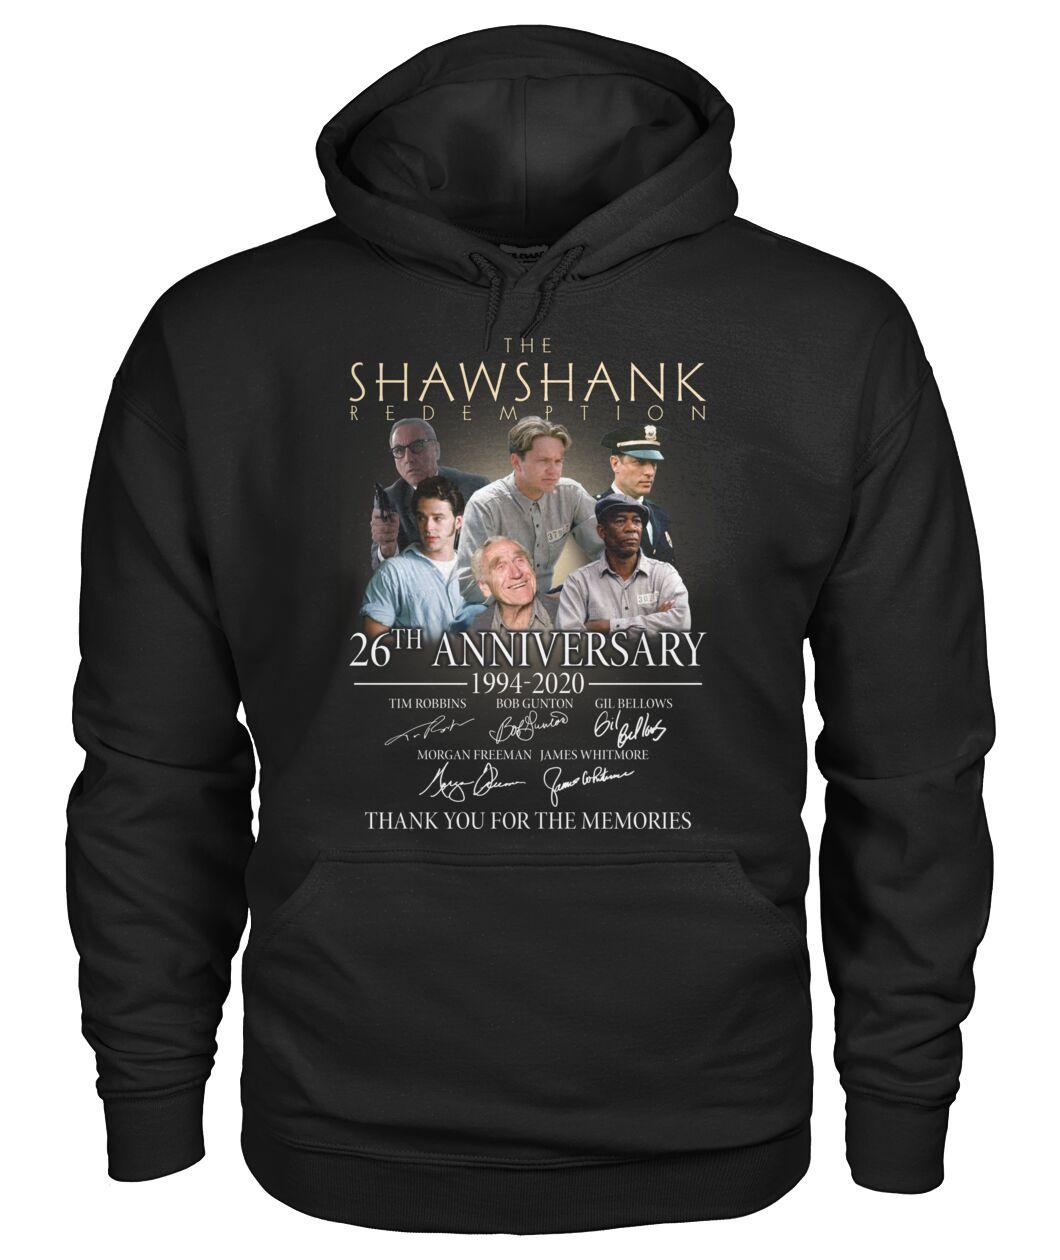 The Shawshank Redemption 26th Anniversary 1994-2020 hoodie